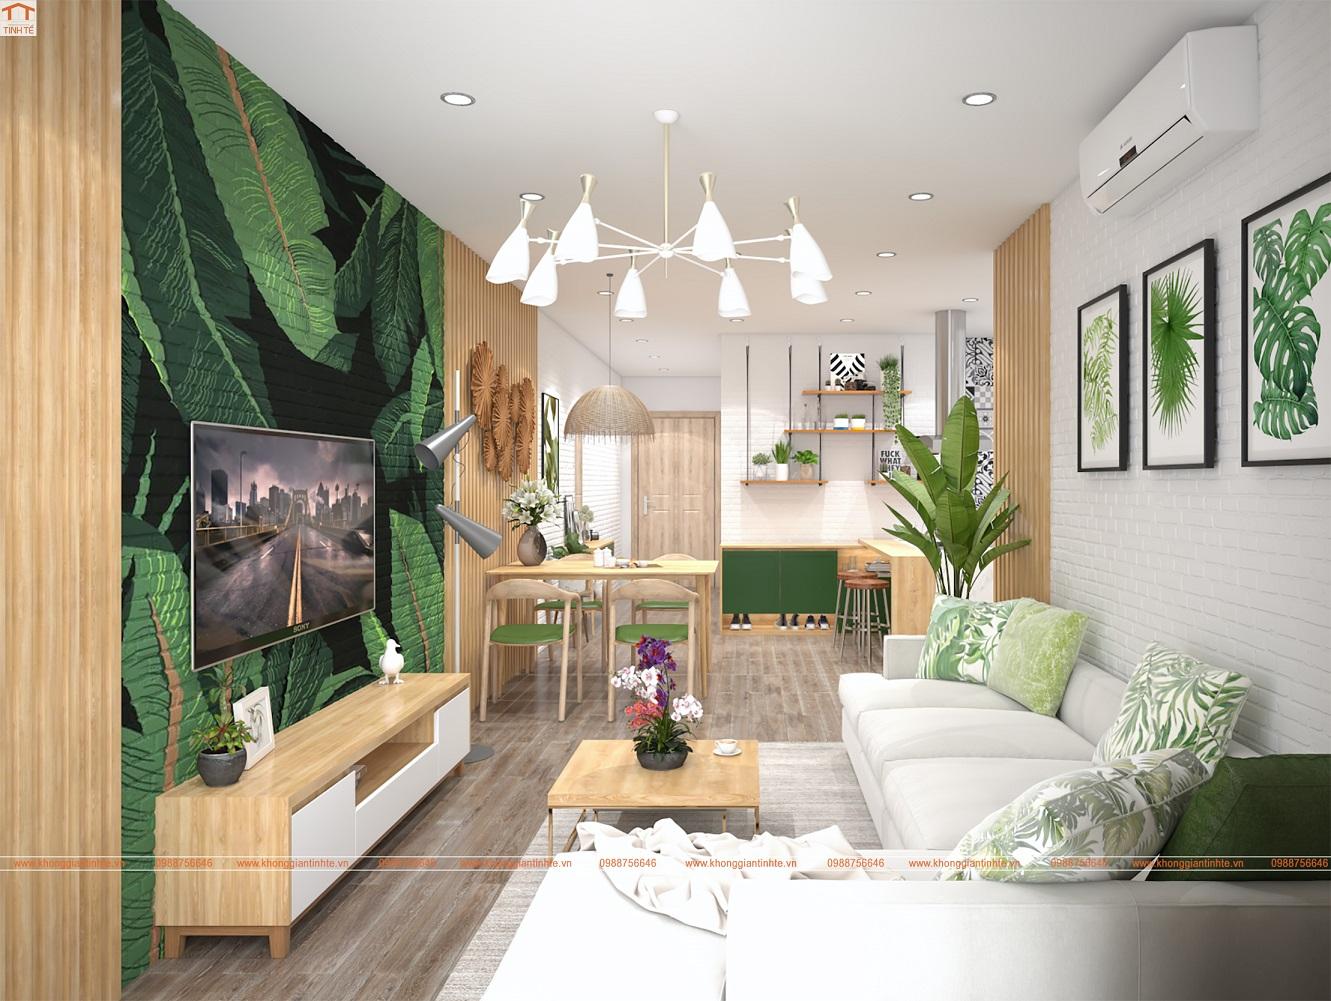 Thiết kế nội thất căn hộ chung cư xanh mát